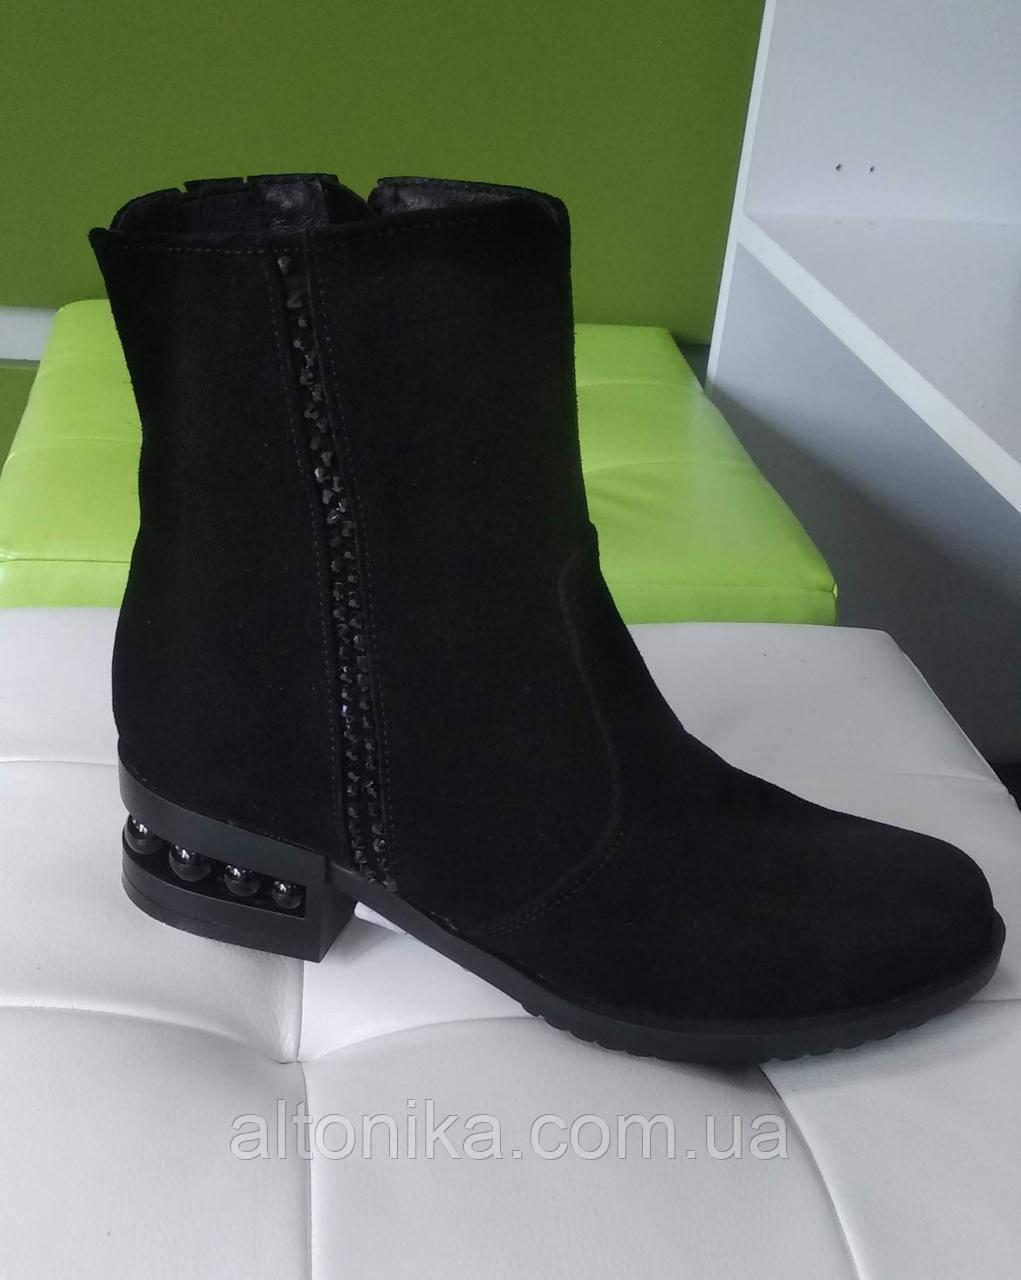 STTOPA 39р деми! Размеры 36-41! Ботинки кожаные больших размеров! С9-33-3641-45-3644